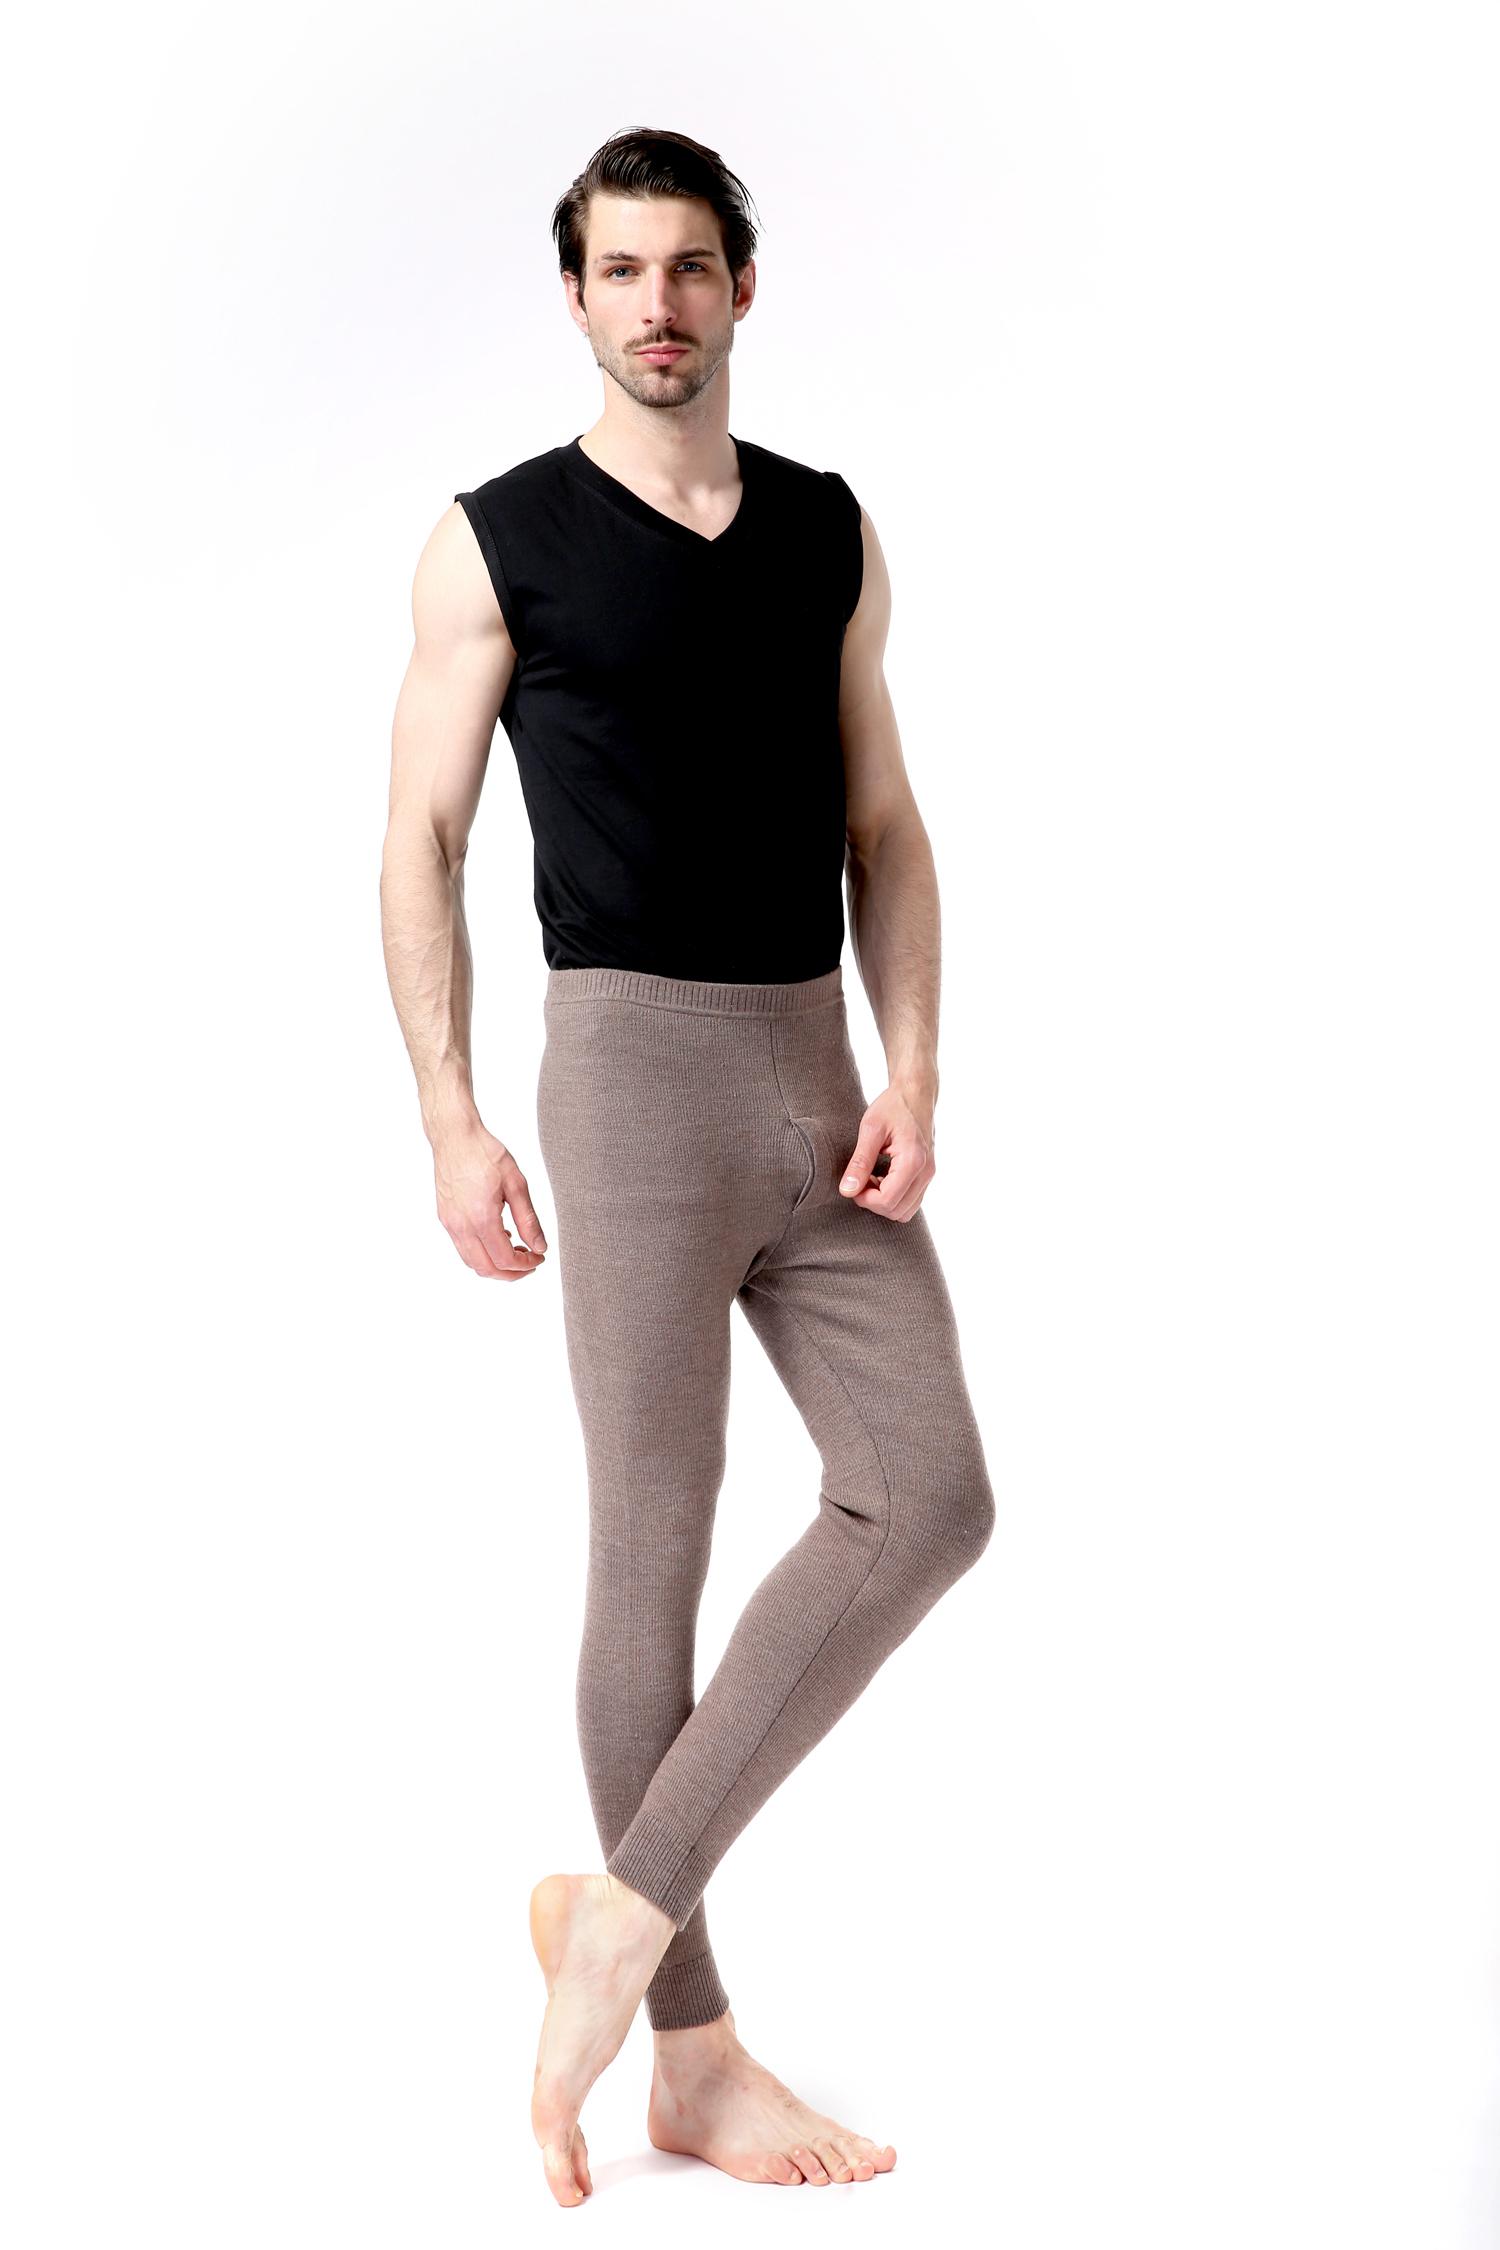 个性男士打底绒裤:火热畅销的都兰诺斯澳毛男抽条裤推荐